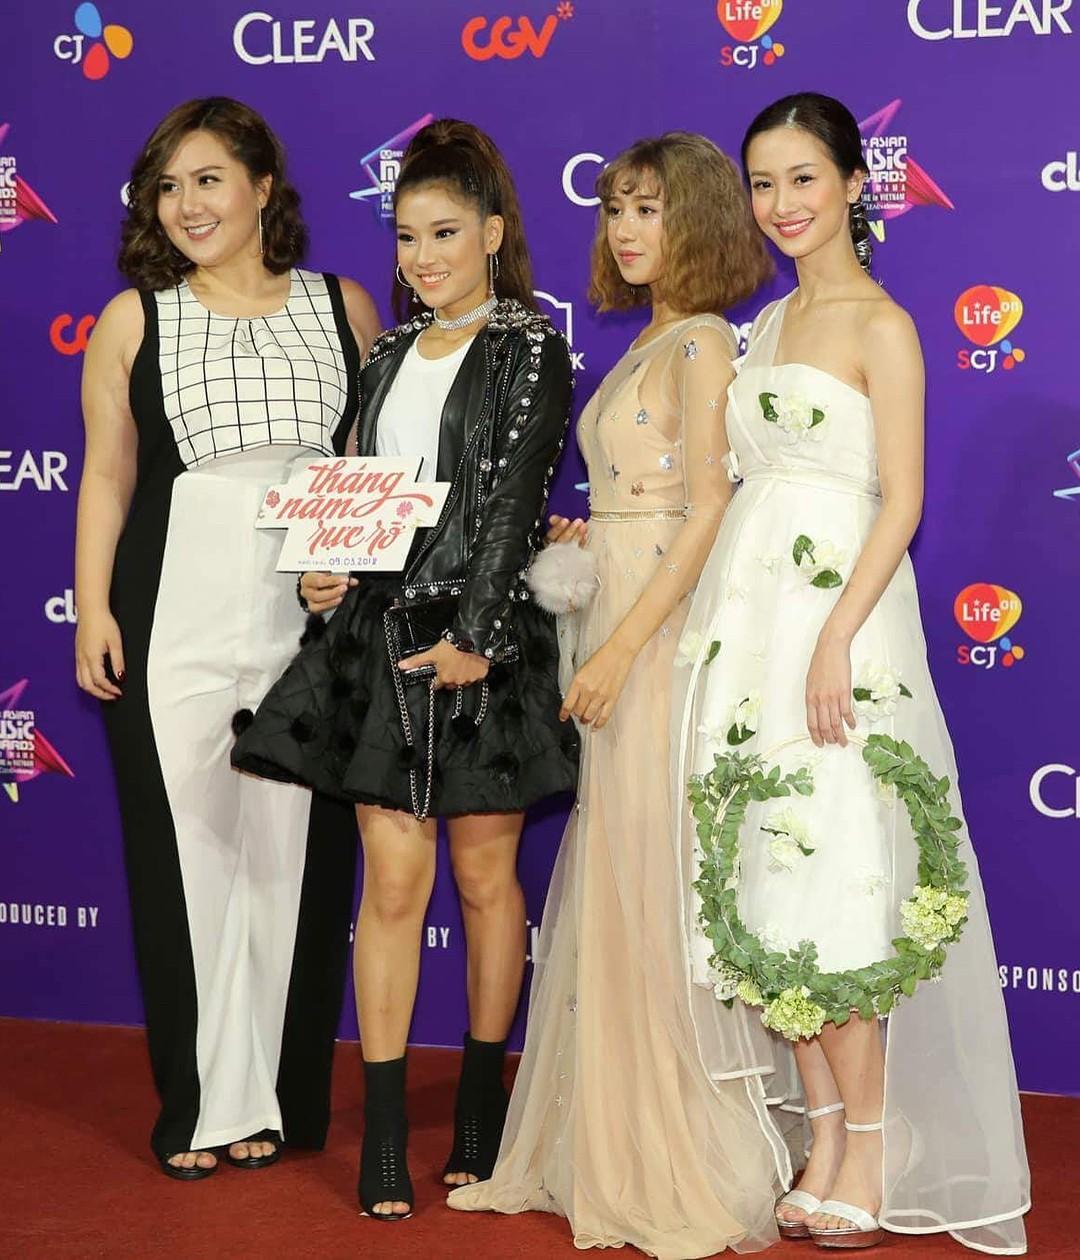 Không hiểu vì sao Jun vũ tới MAMA lại diện váy như phù dâu ở trung tâm tiệc cưới và lại còn xách vòng hoa